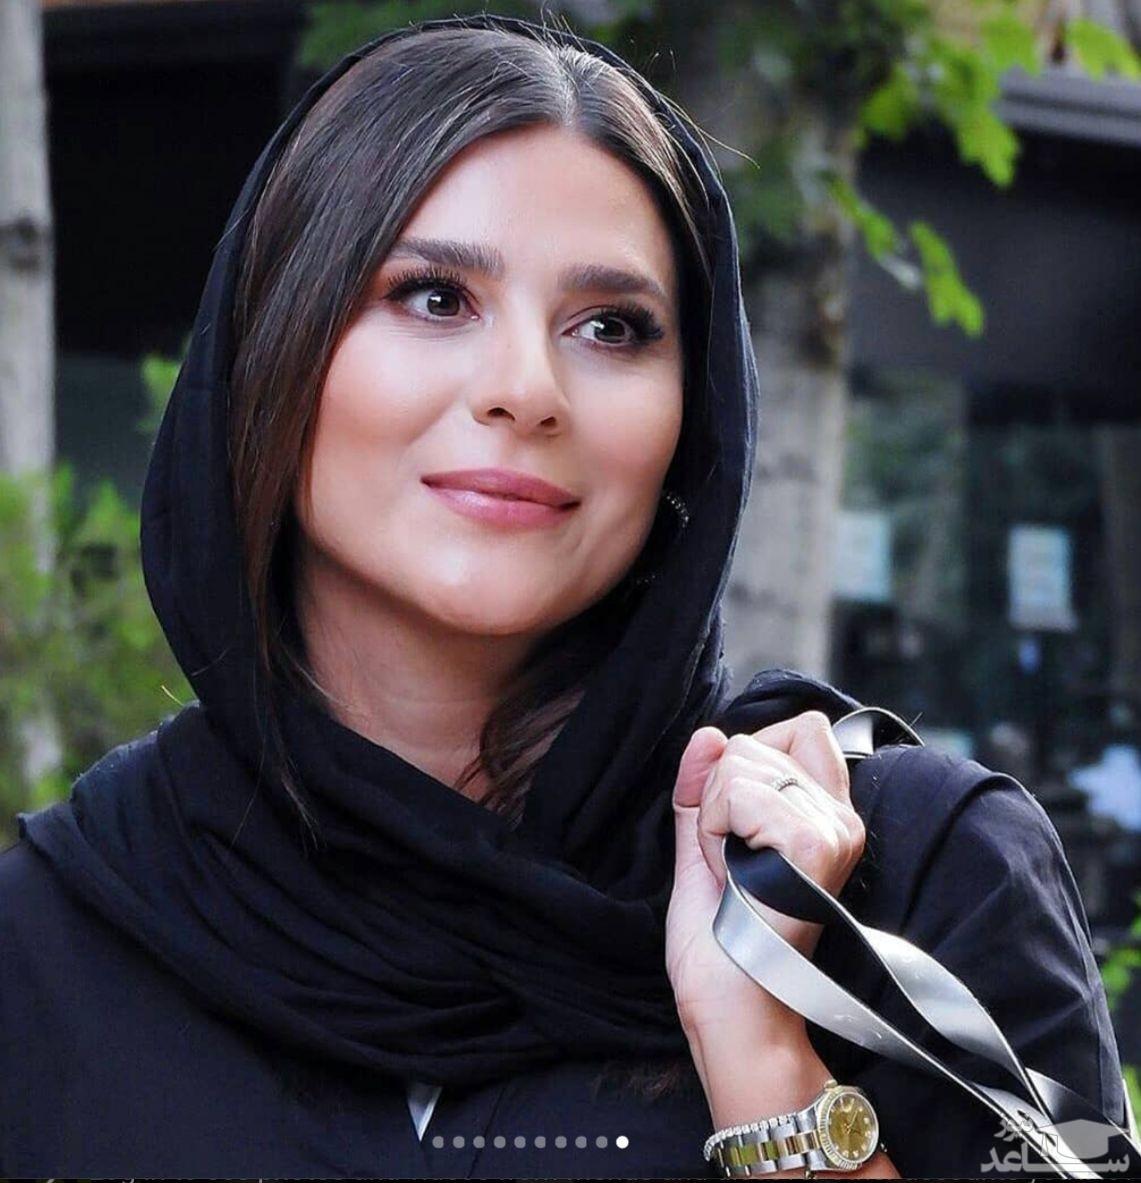 (عکس) پست نوید محمدزاده برای تولد خواهرش